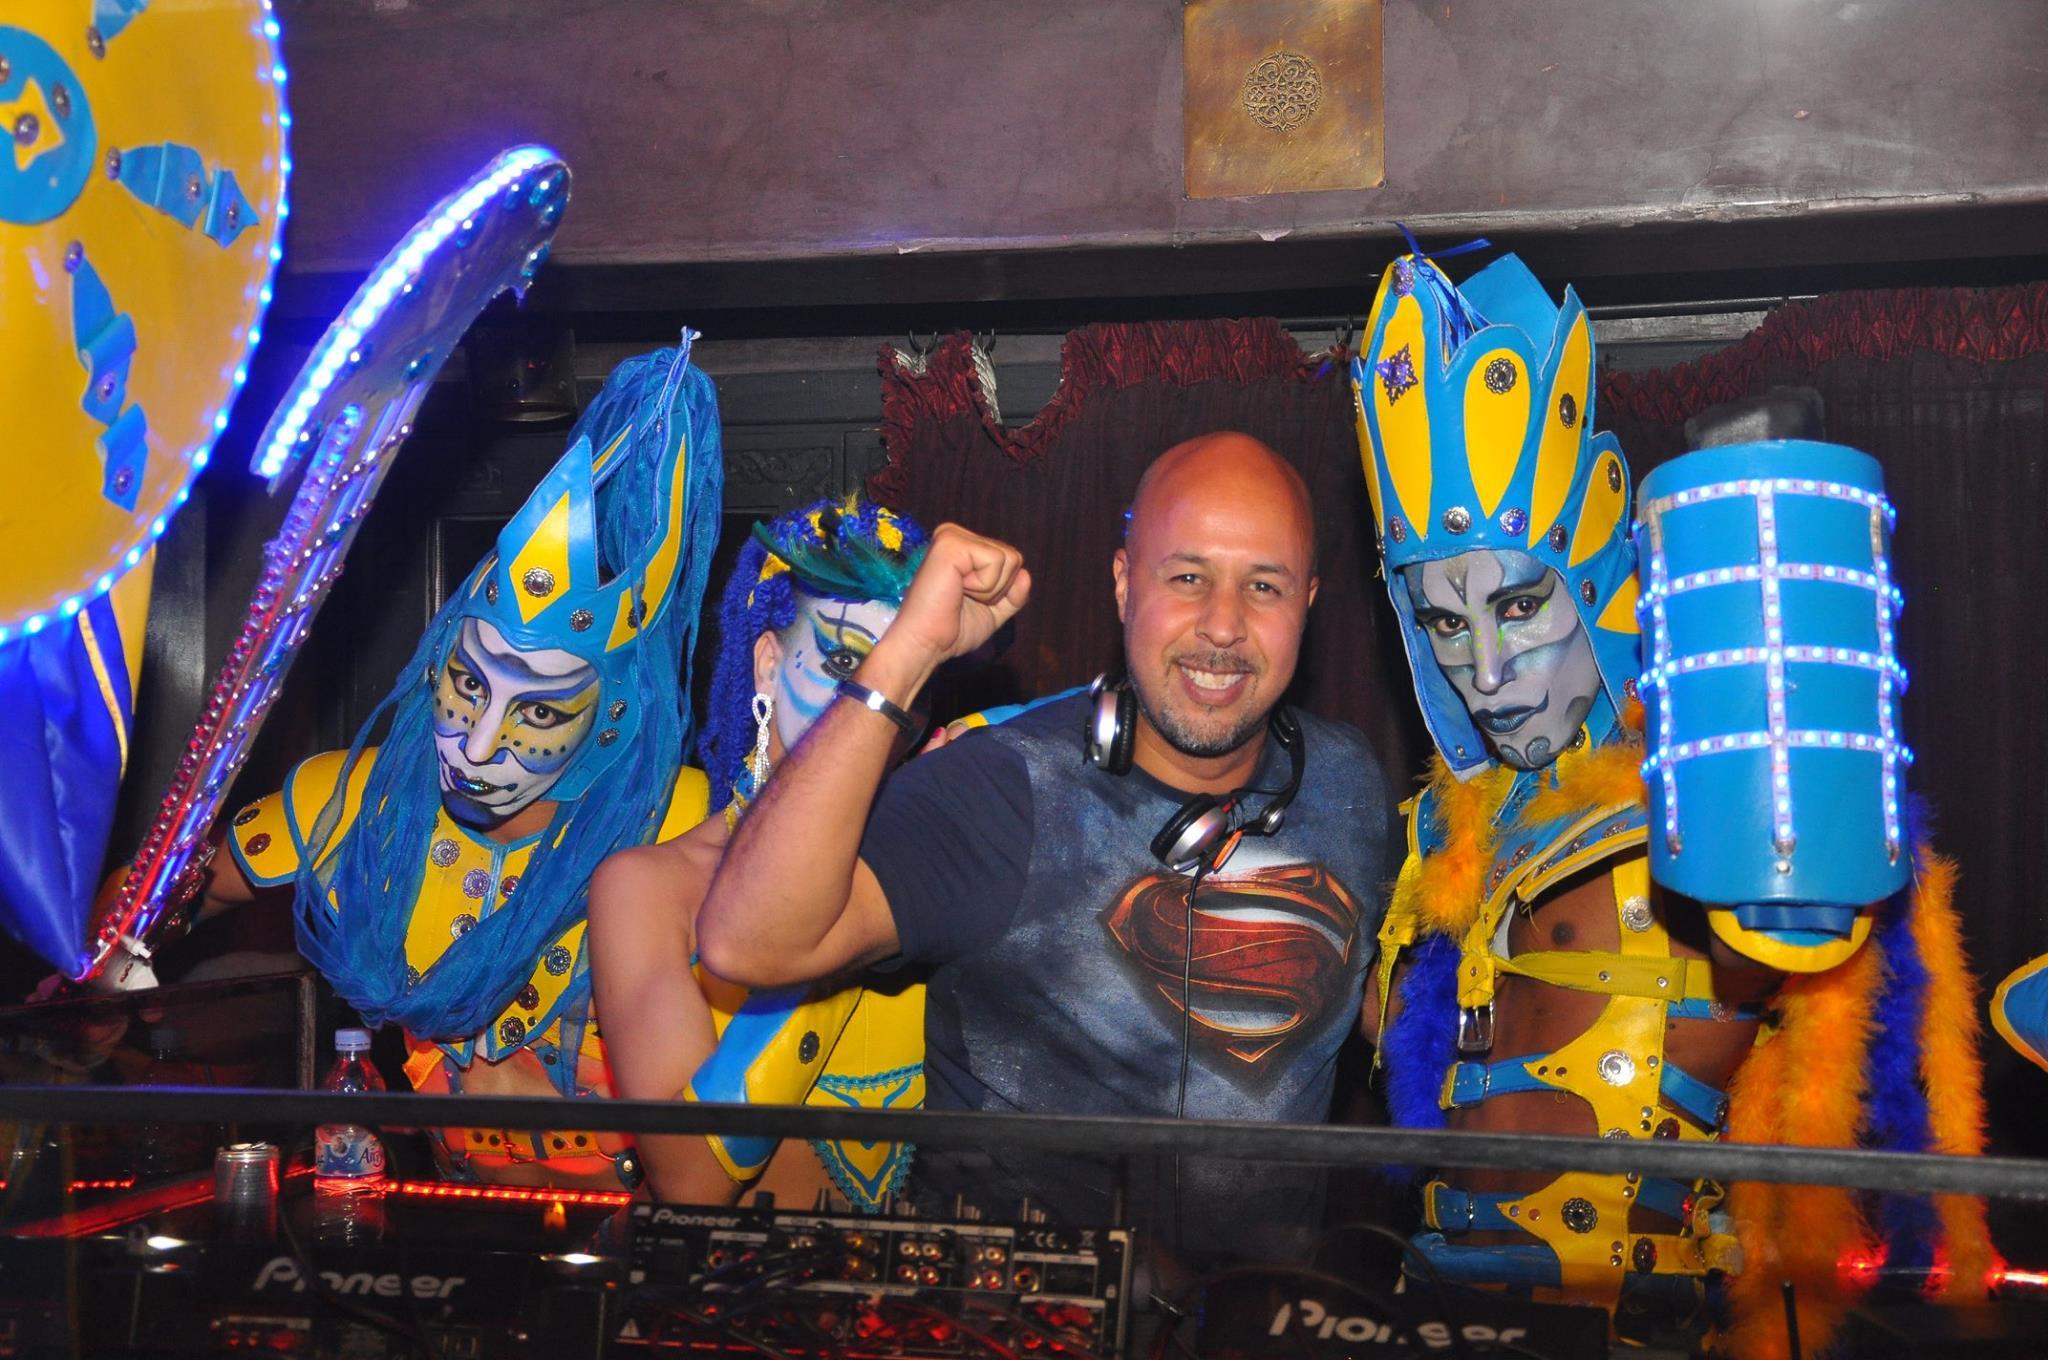 DJ K'lid